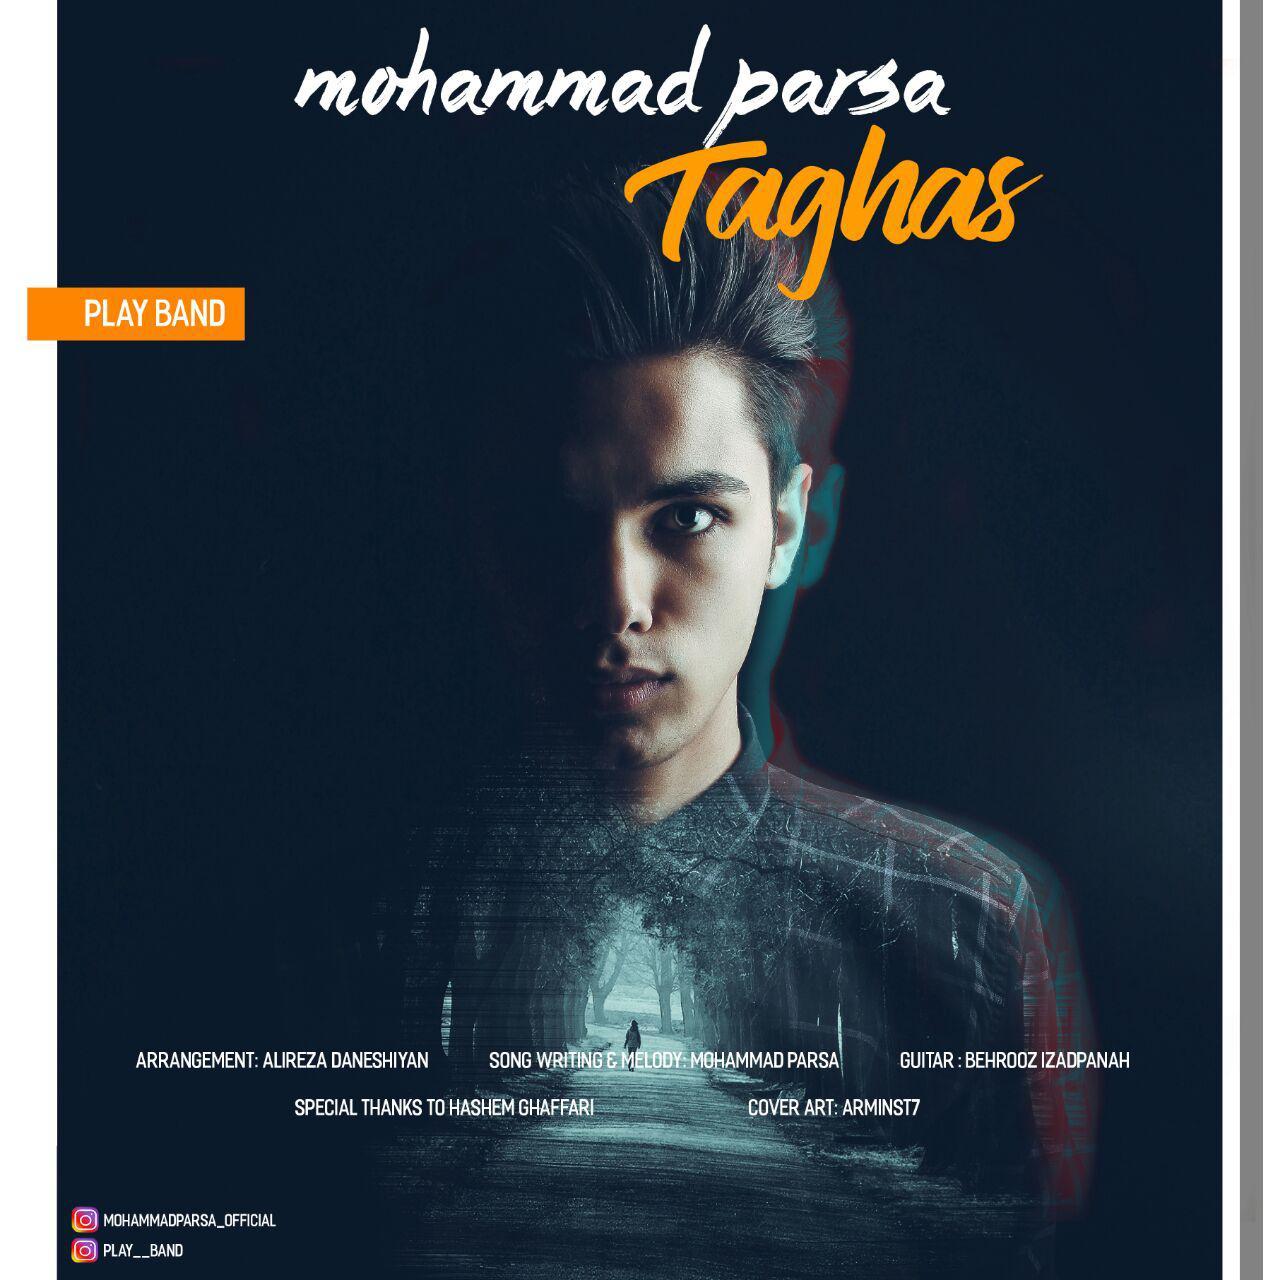 دانلود آهنگ جدید و زیبای محمد پارسا به نام تقاص